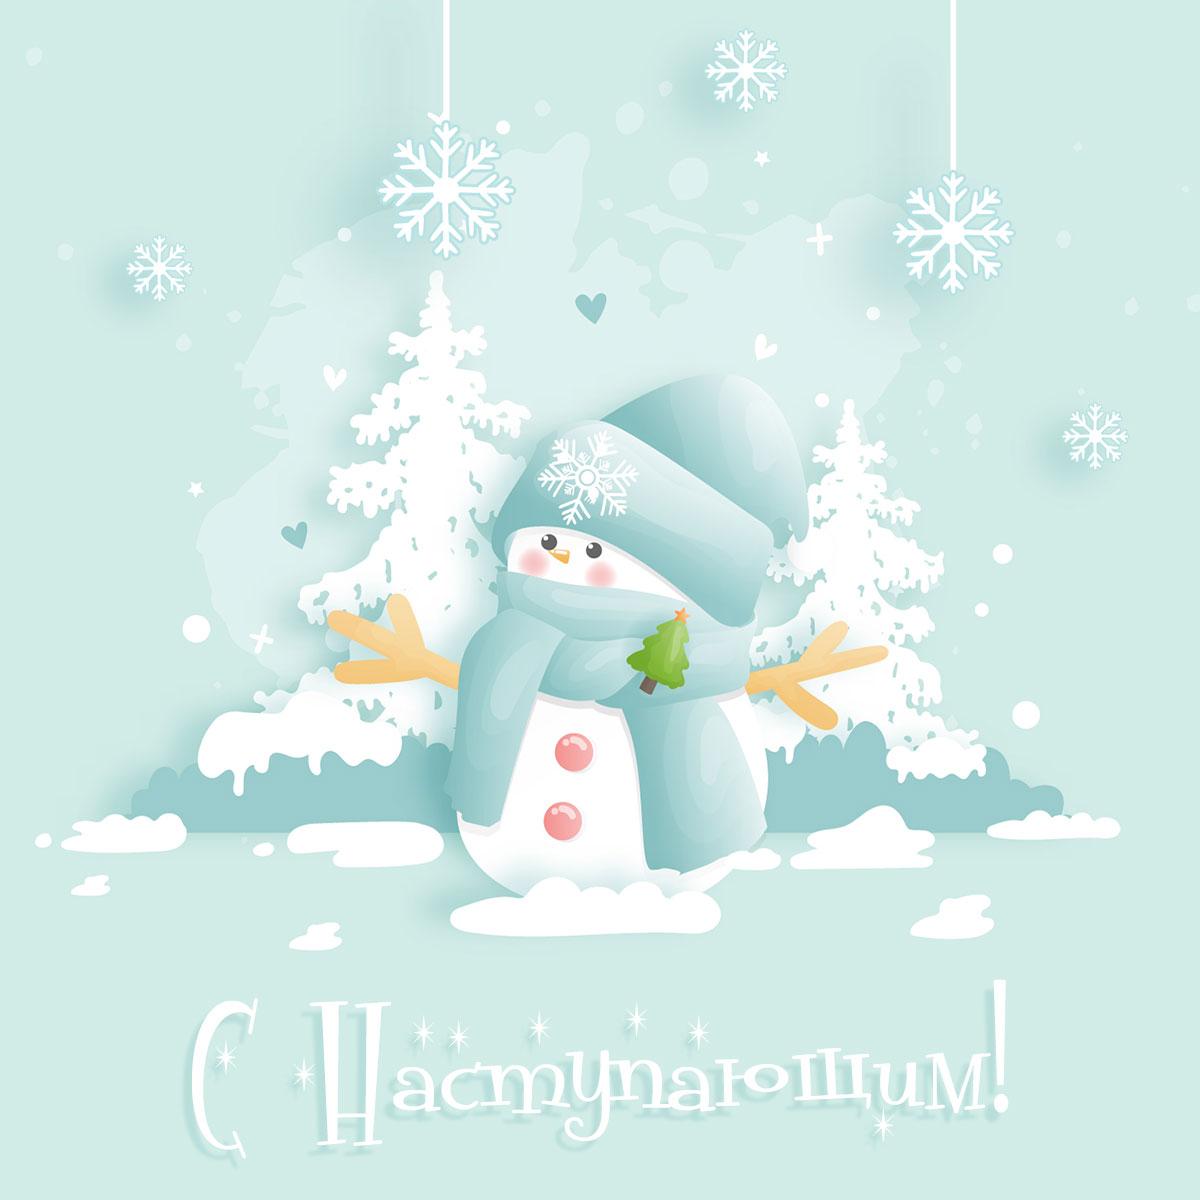 Картинка со снеговиком на прикольные открытки с наступающим новым годом с замёрзшими ёлками и надписью на нежно зелёном фоне.